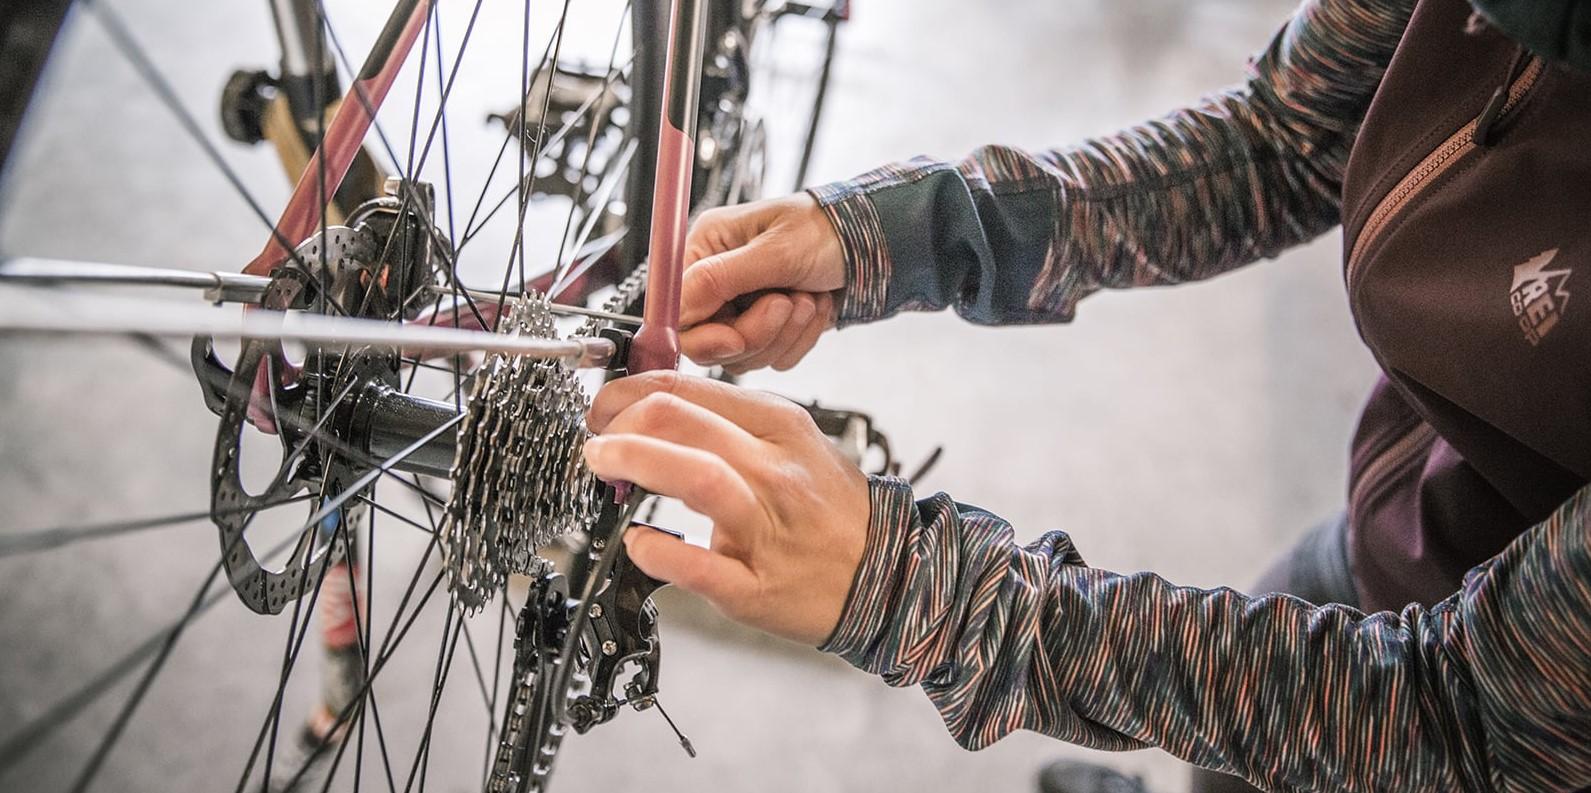 Самые распространенные поломки велосипедов